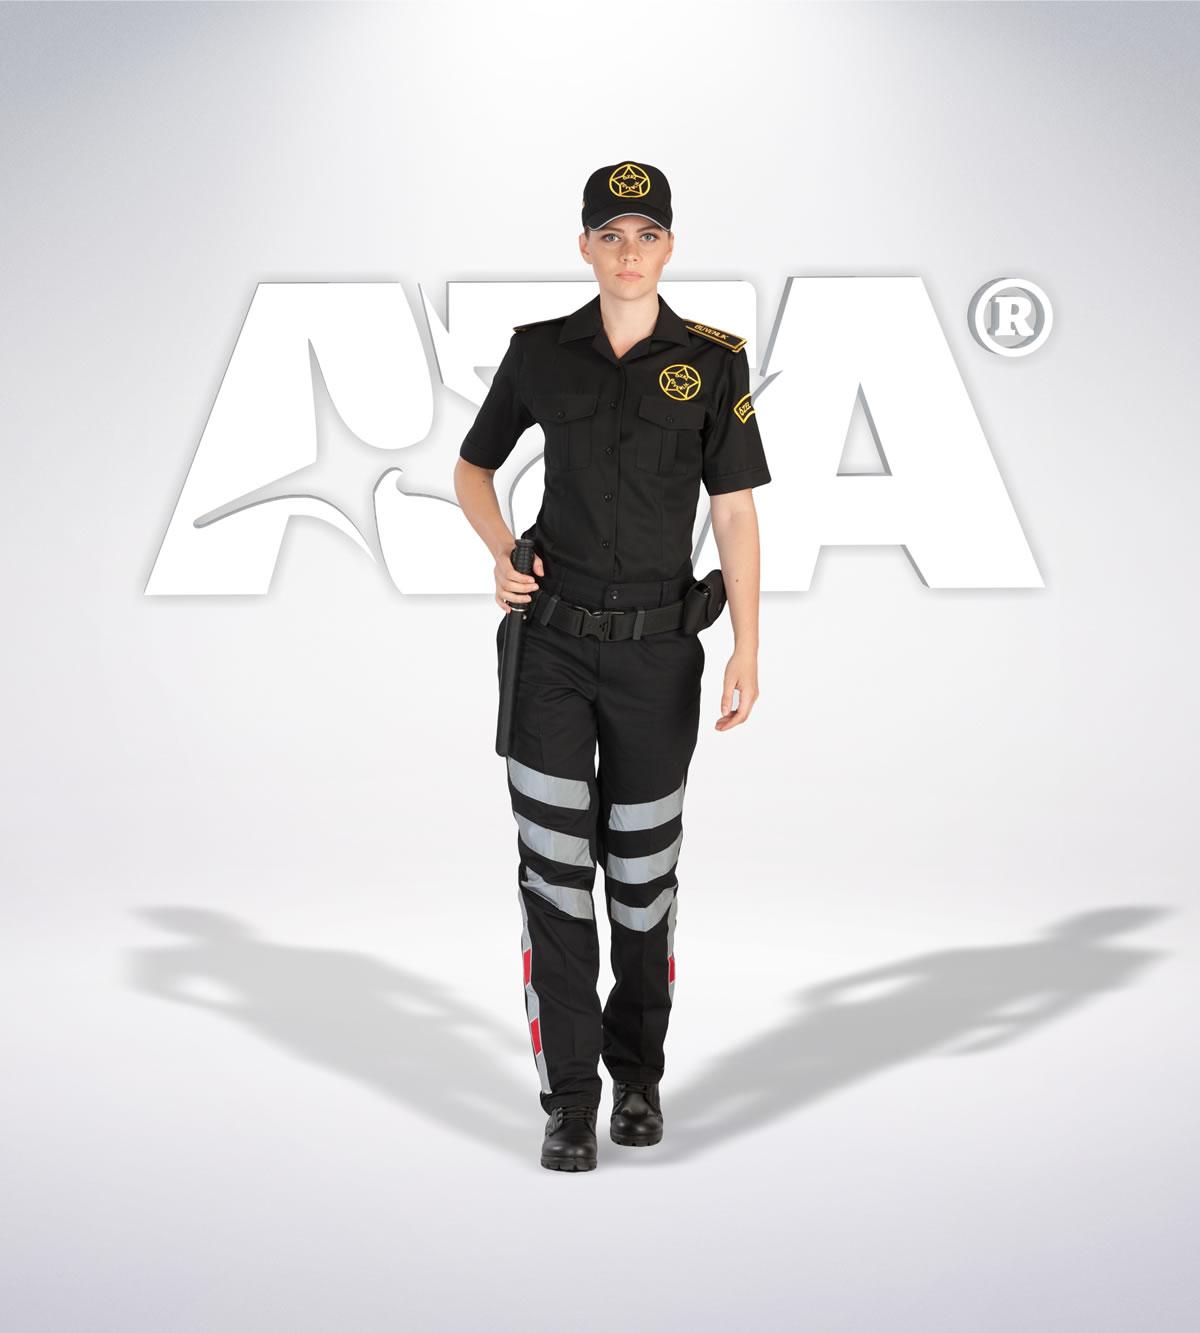 ATA 117 - Ribstop kumaş pantolon - ribstop gömlek - aksesuar - reflektör - güvenlik elbiseleri | güvenlik üniformaları | güvenlik kıyafetleri